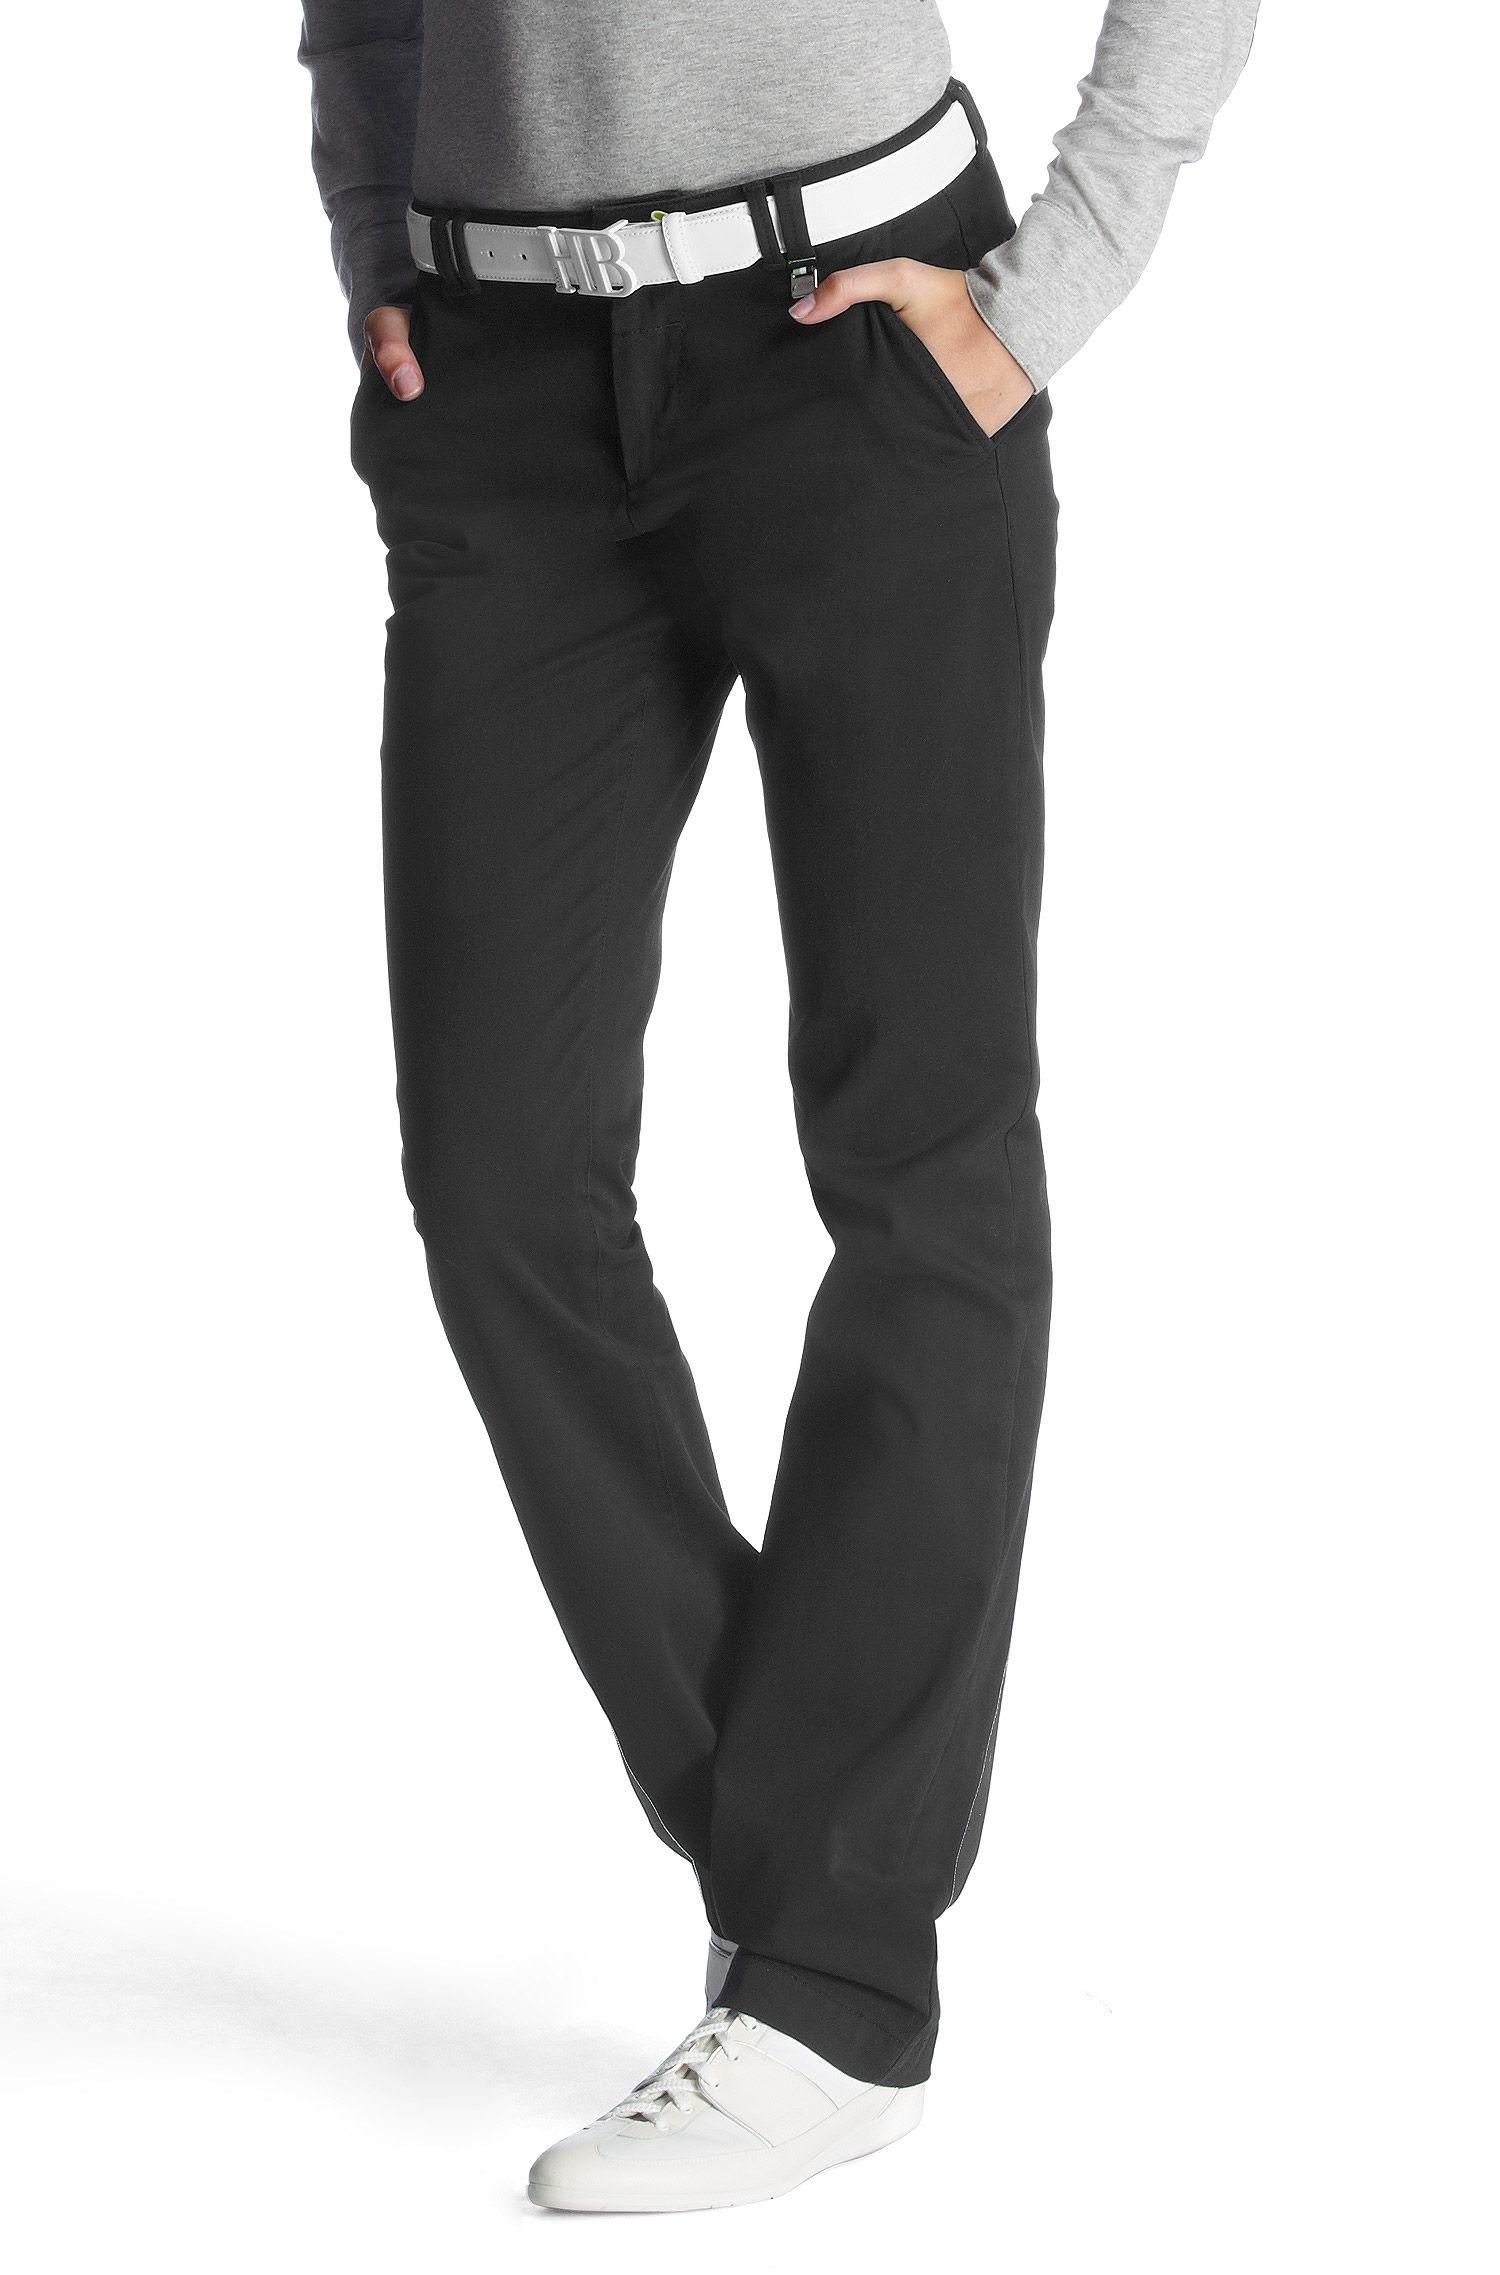 Pantalon en coton au look chino, Heliah 2-W